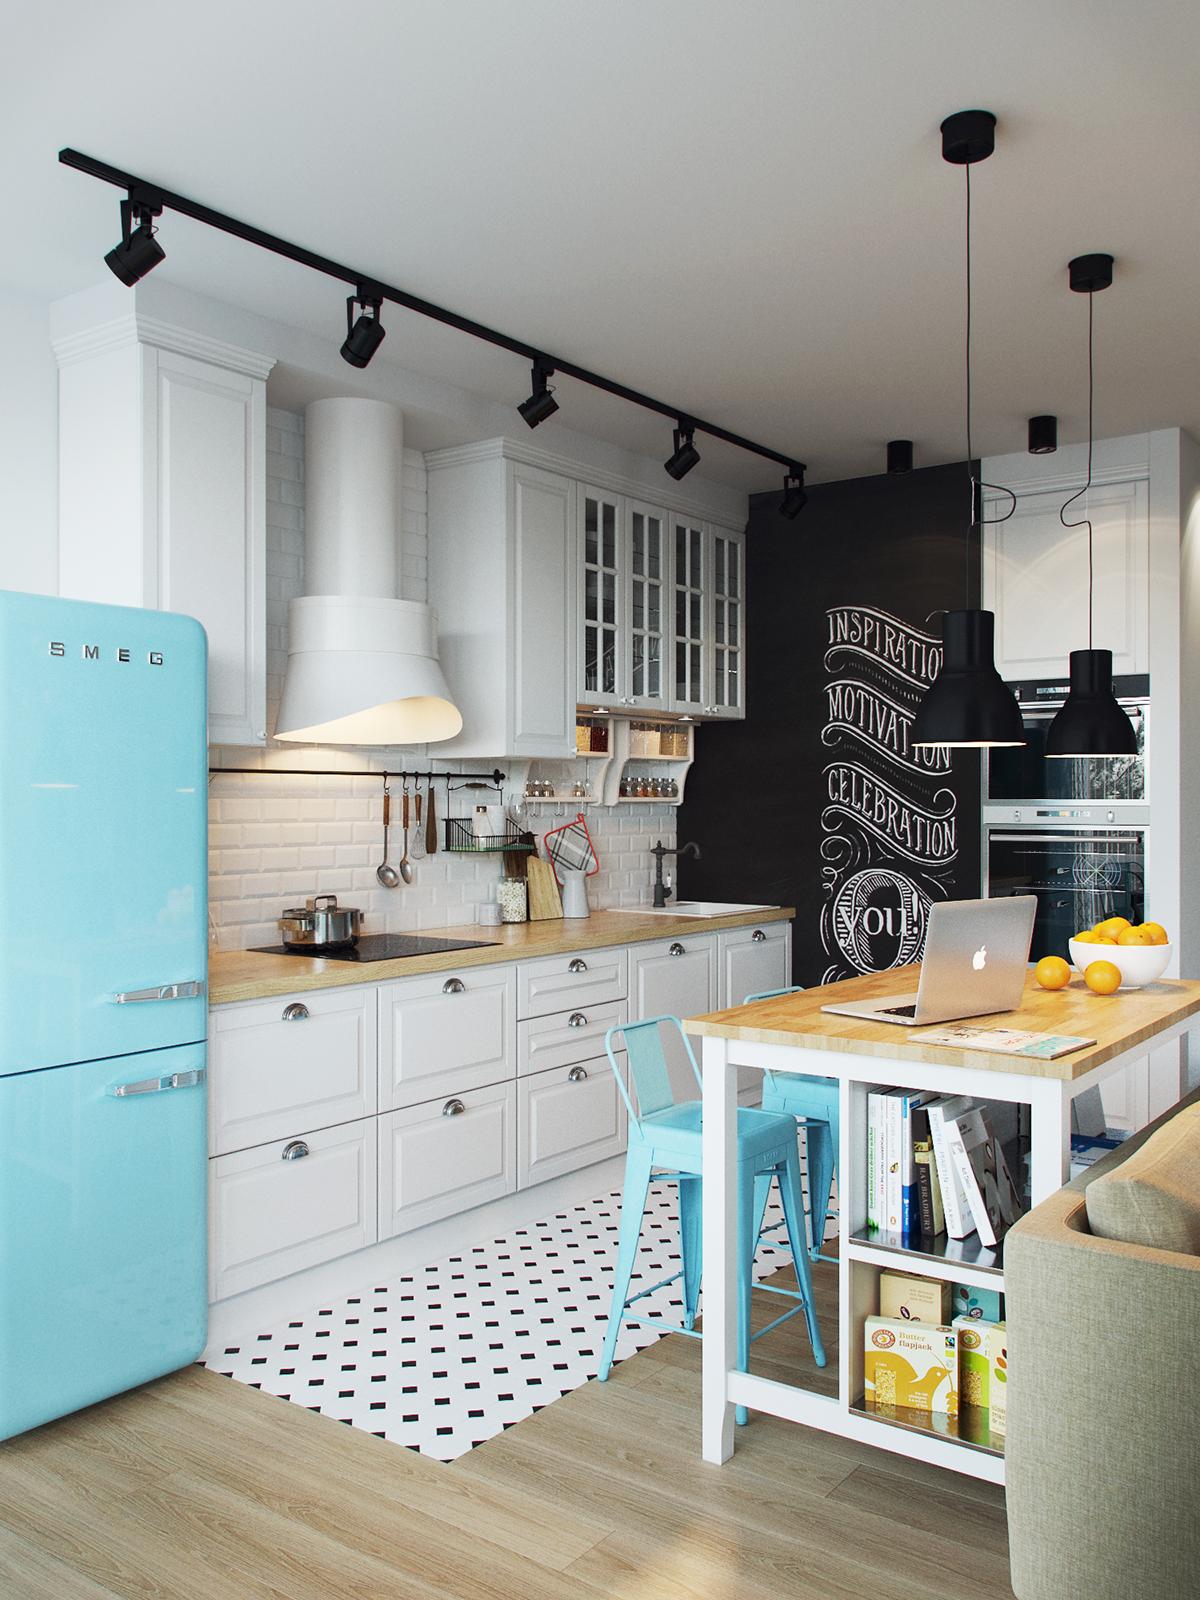 Pin von Fernanda Bove auf Cozinhas | Pinterest | Küche, Erste eigene ...